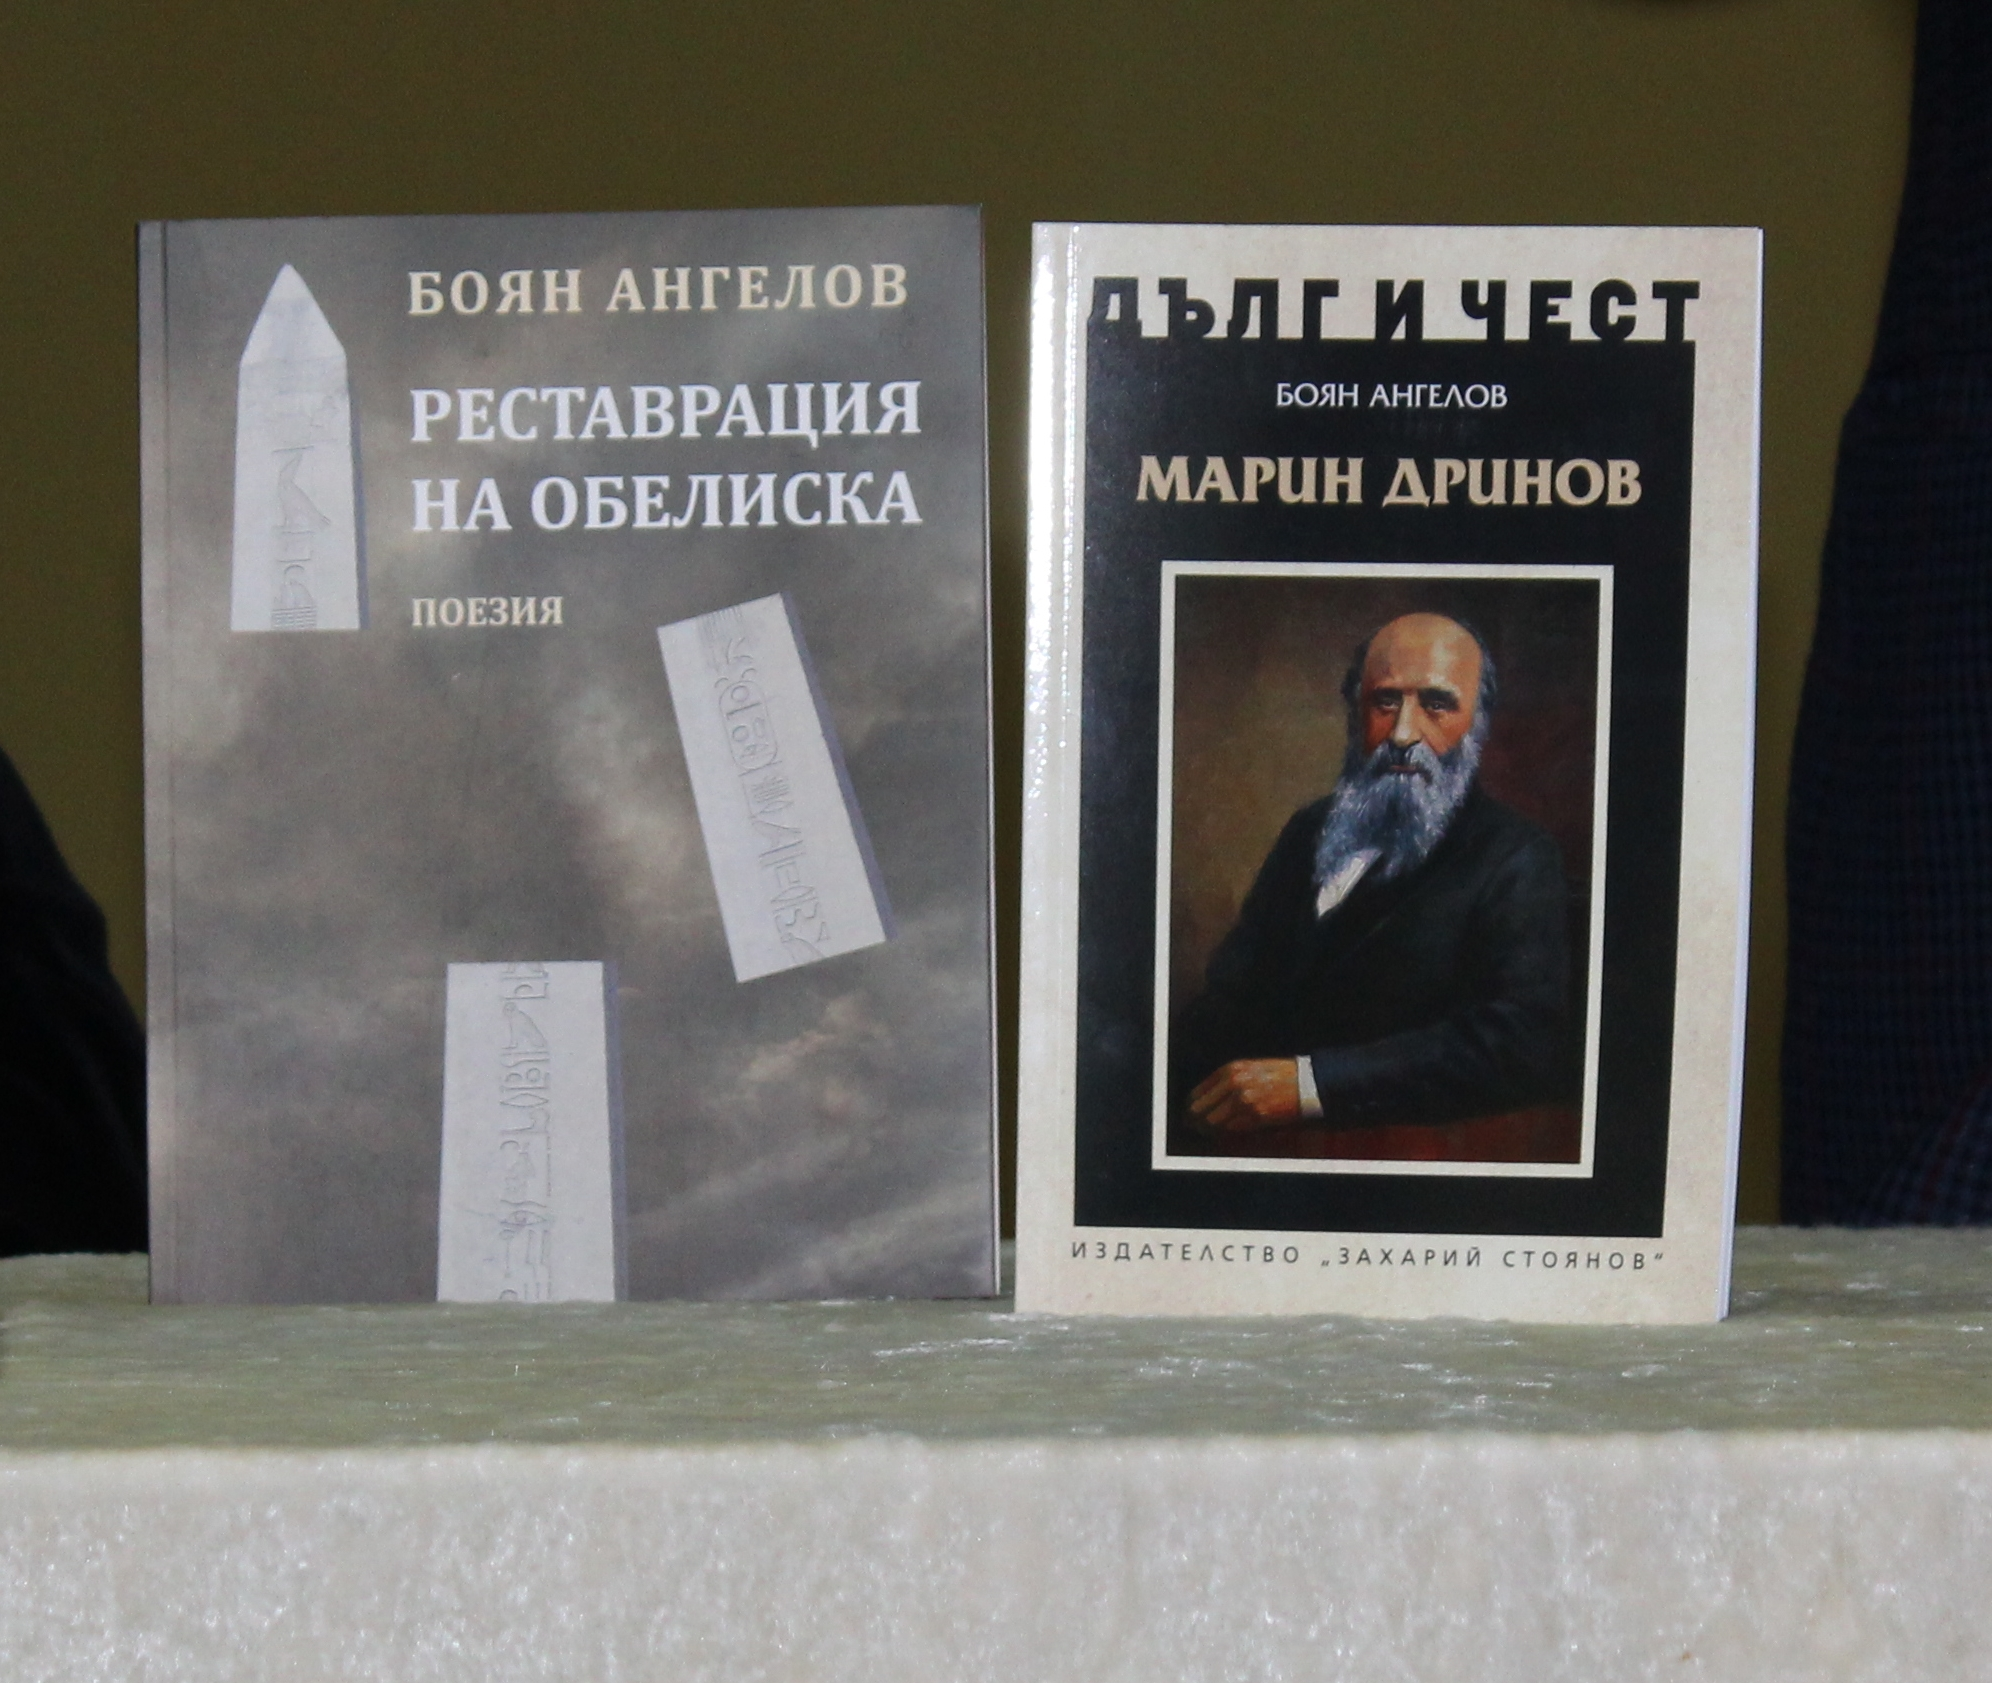 """Творческа среща с Боян Ангелов и представяне на книгата """"Дълг и чест: Марин Дринов"""""""